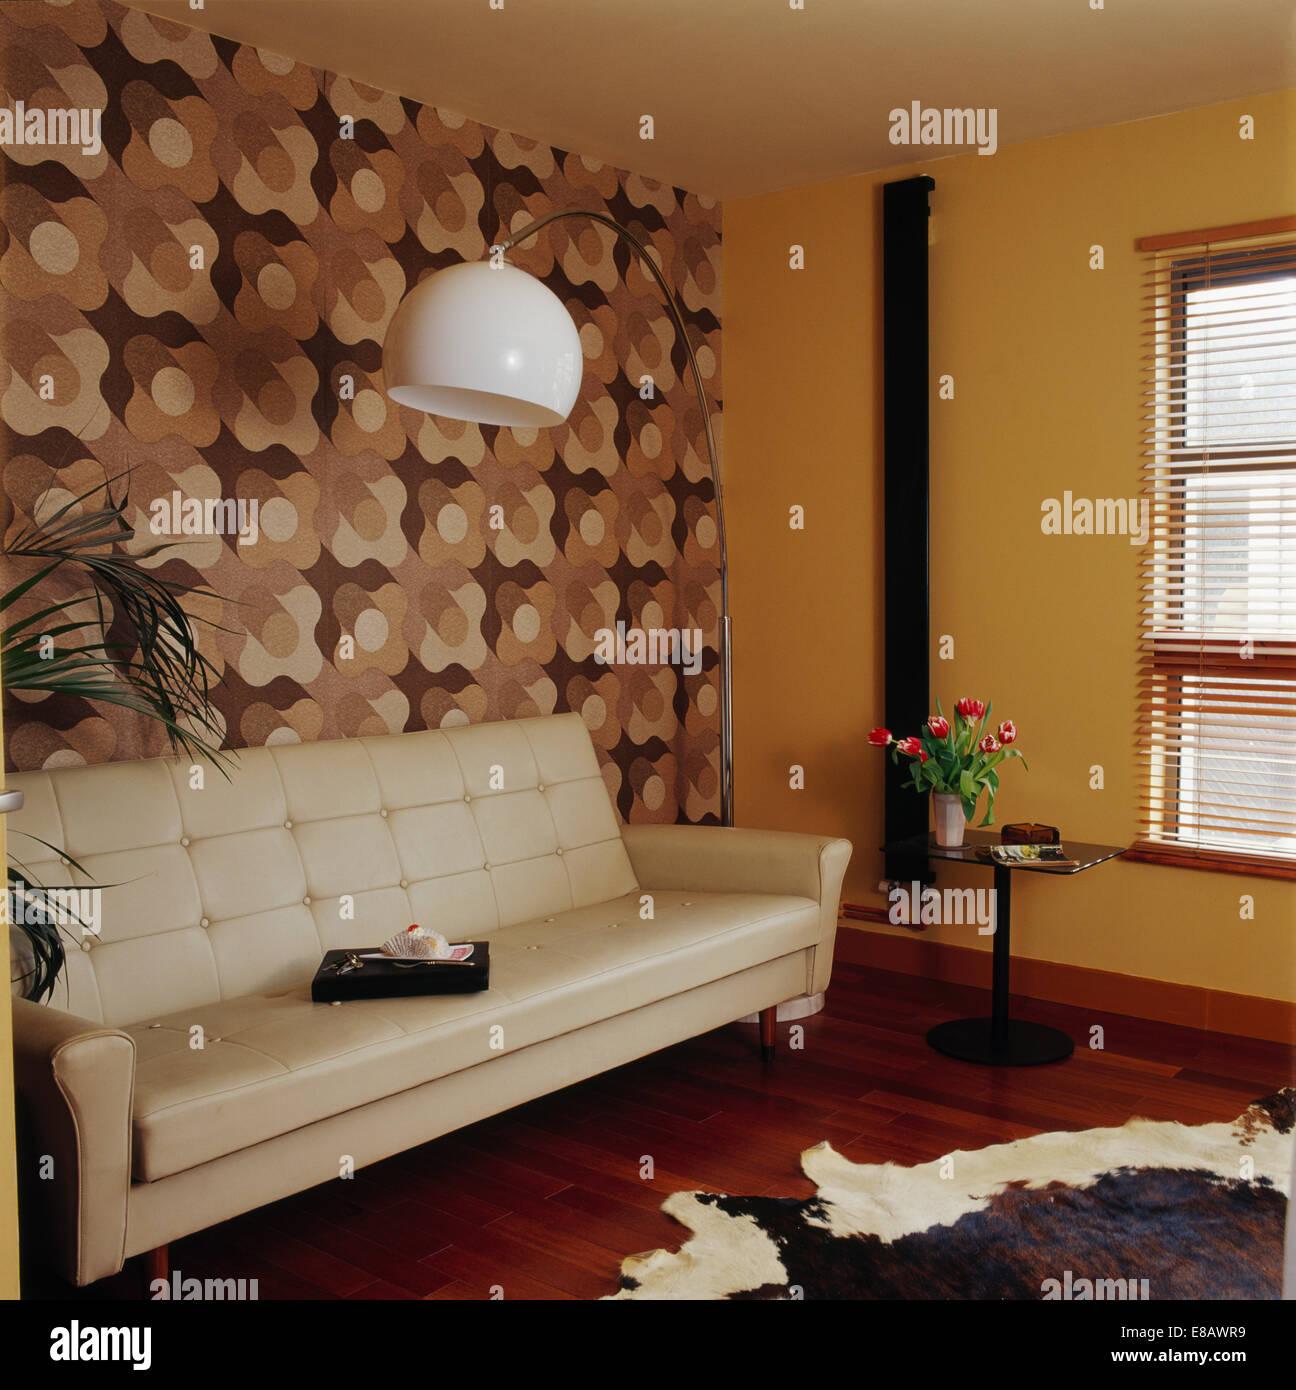 Braun + Creme Abstrakt Gemusterten Tapete Hinter Creme Ledersofa Im 50er  Jahre Stil Wohnzimmer Mit Hohen Stehleuchte